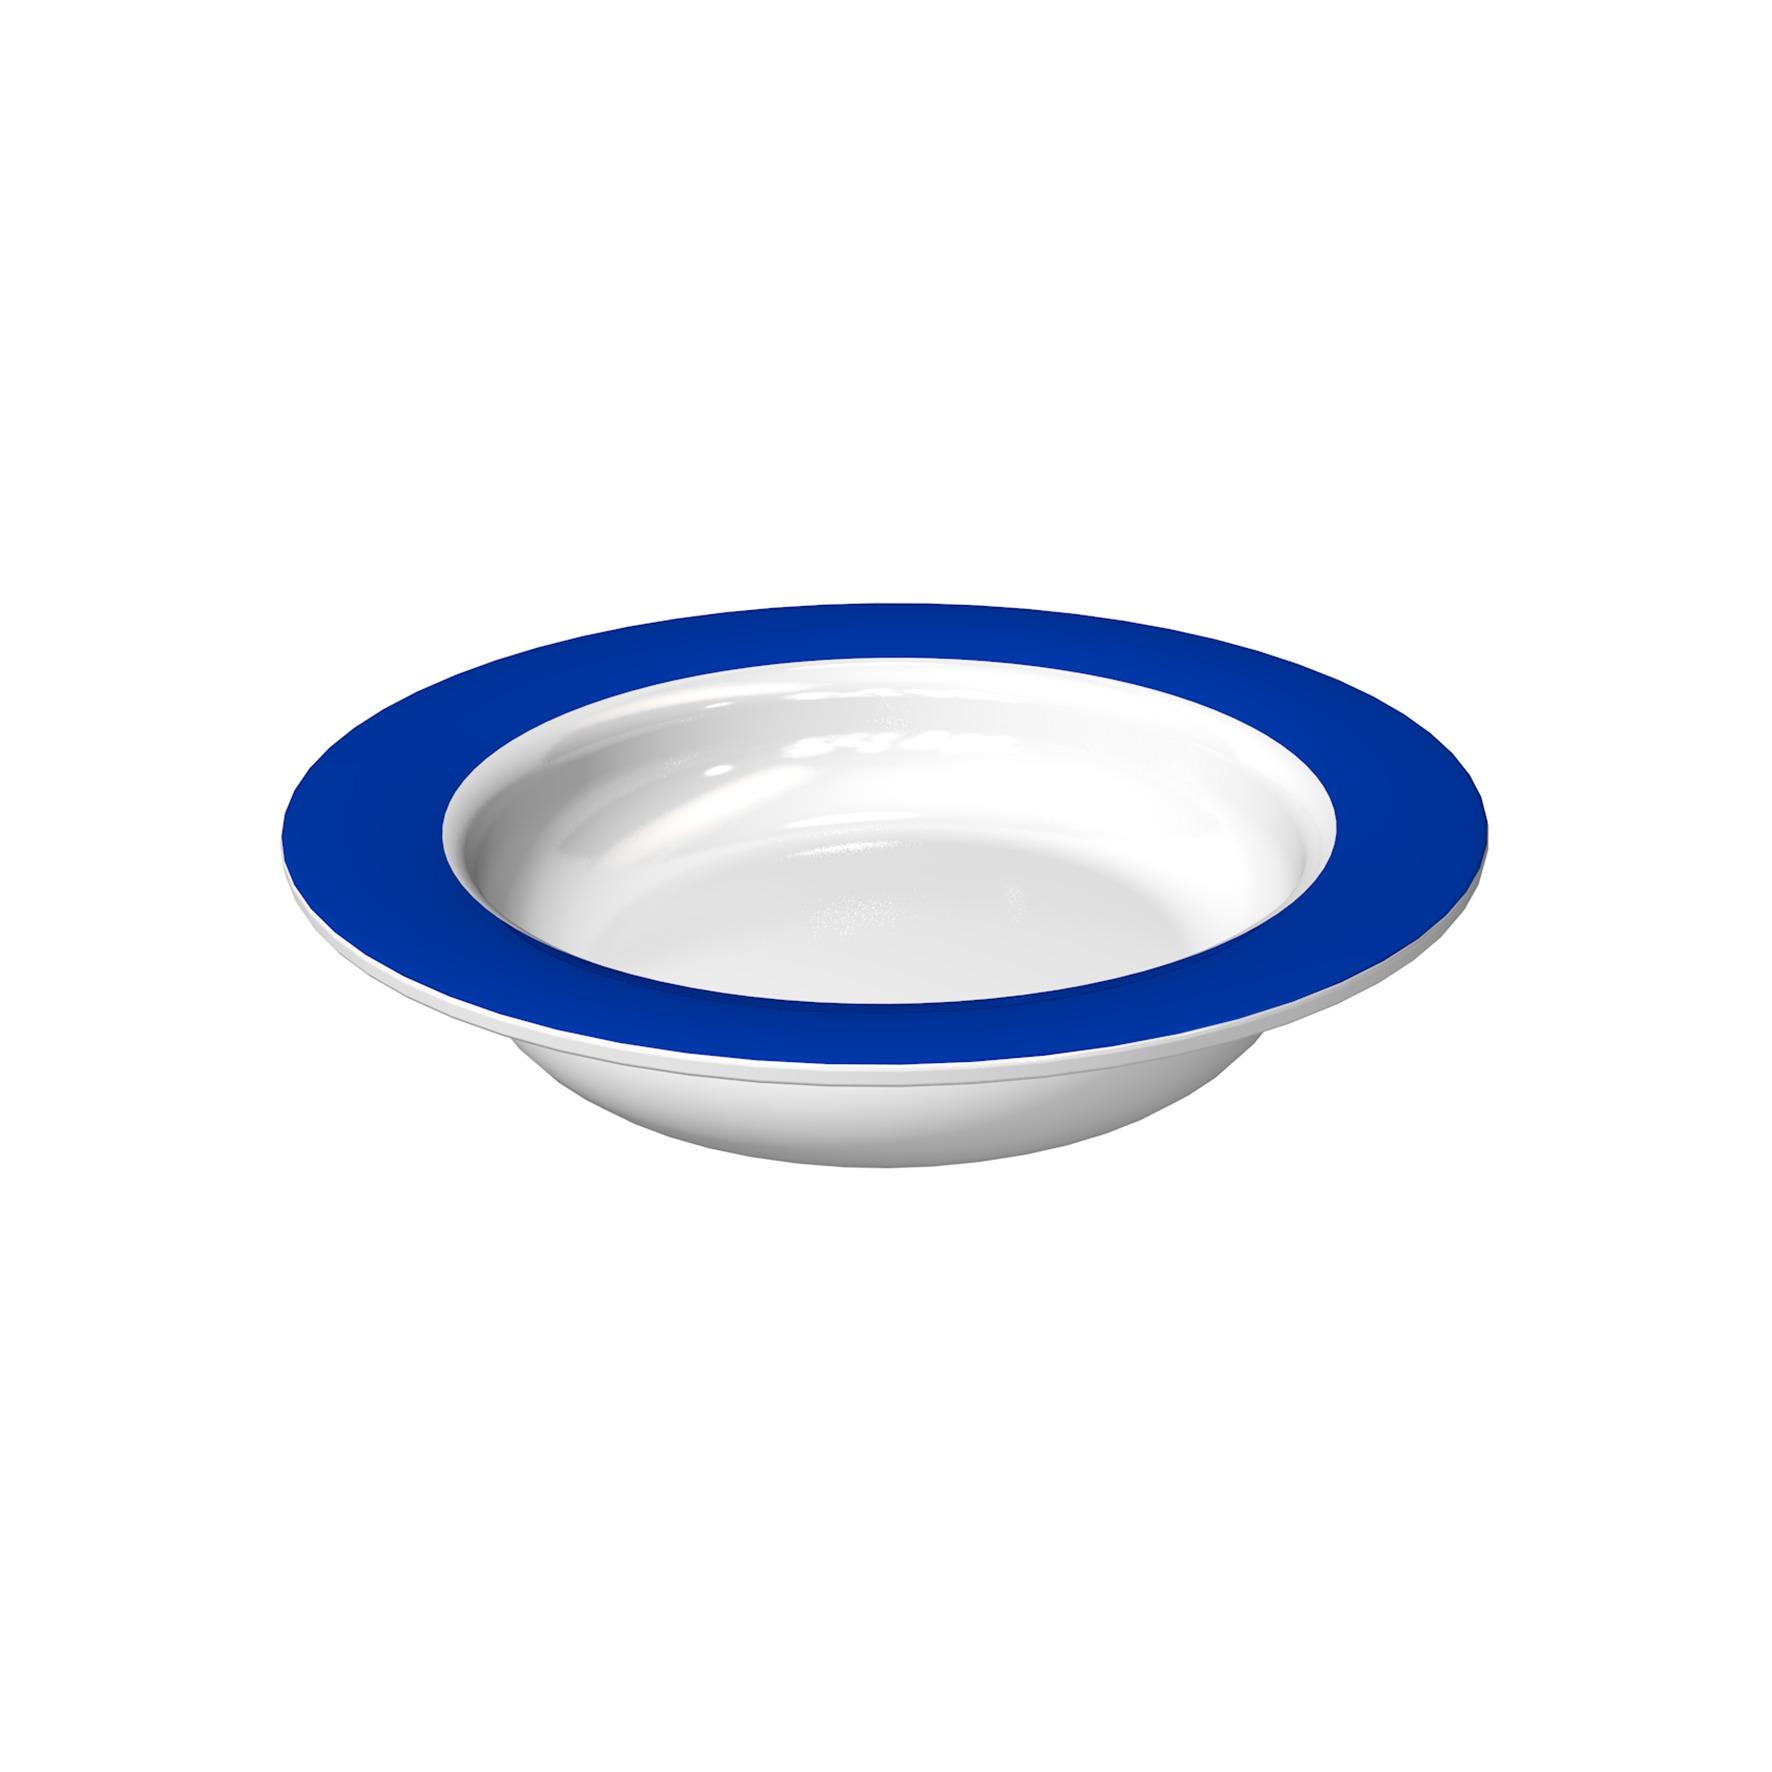 Bowl with Sloped Base